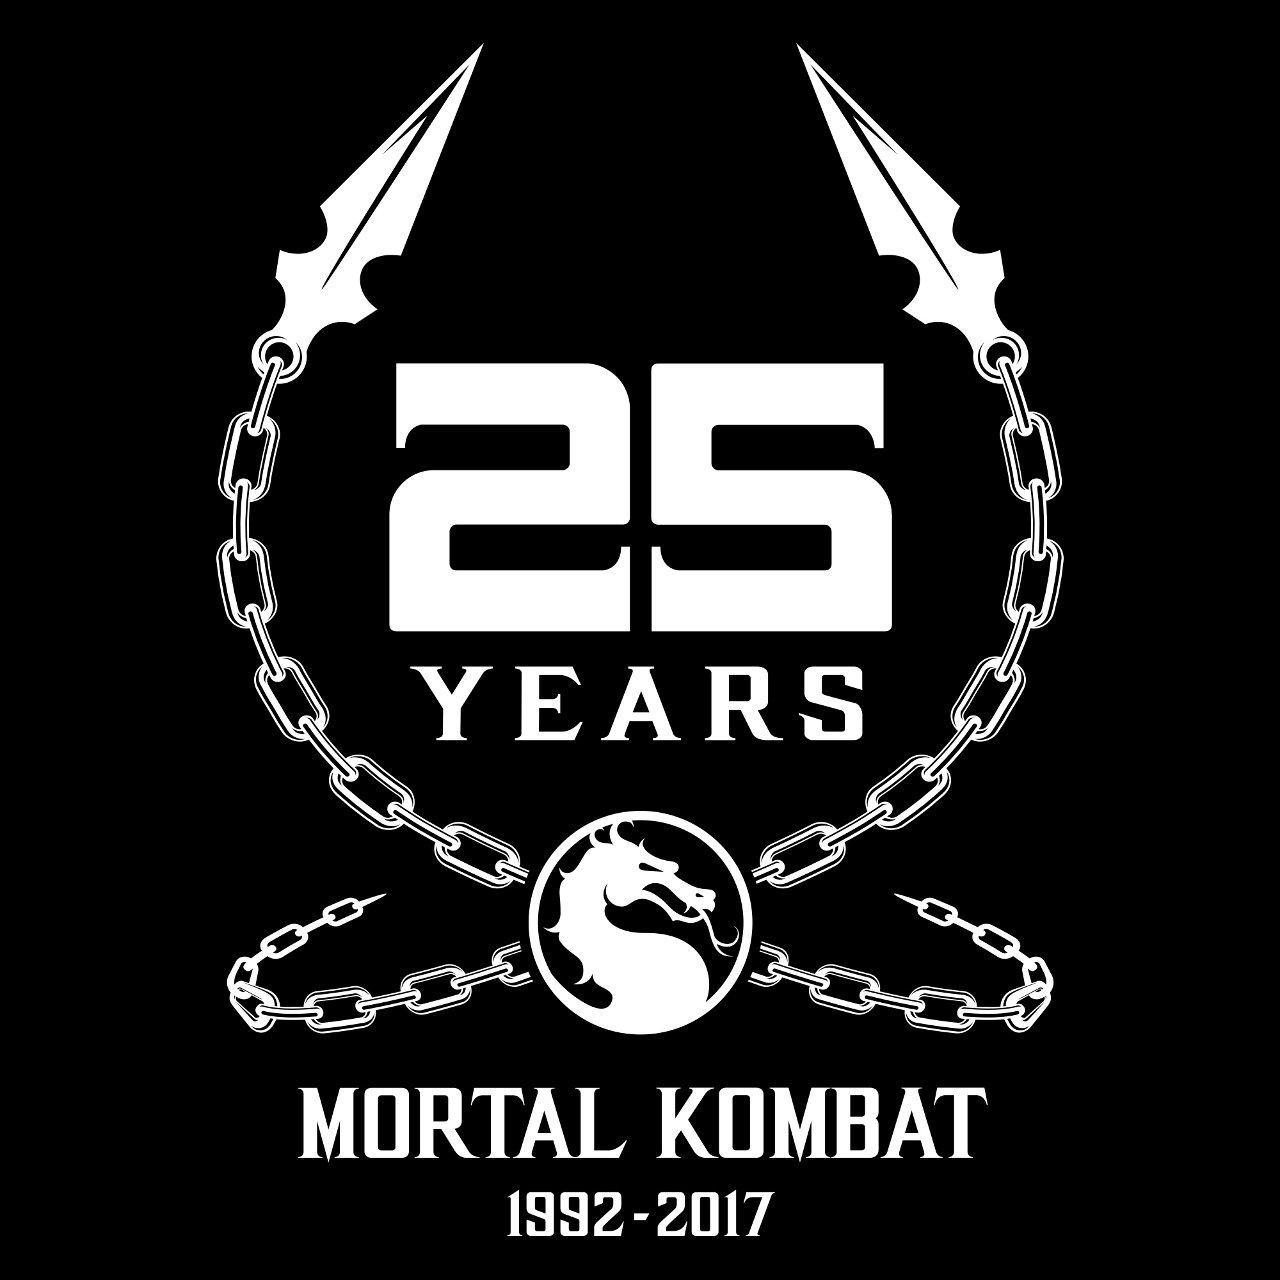 Mortal Kombat Mobile celebra i 25 anni della serie con alcuni speciali eventi in-game